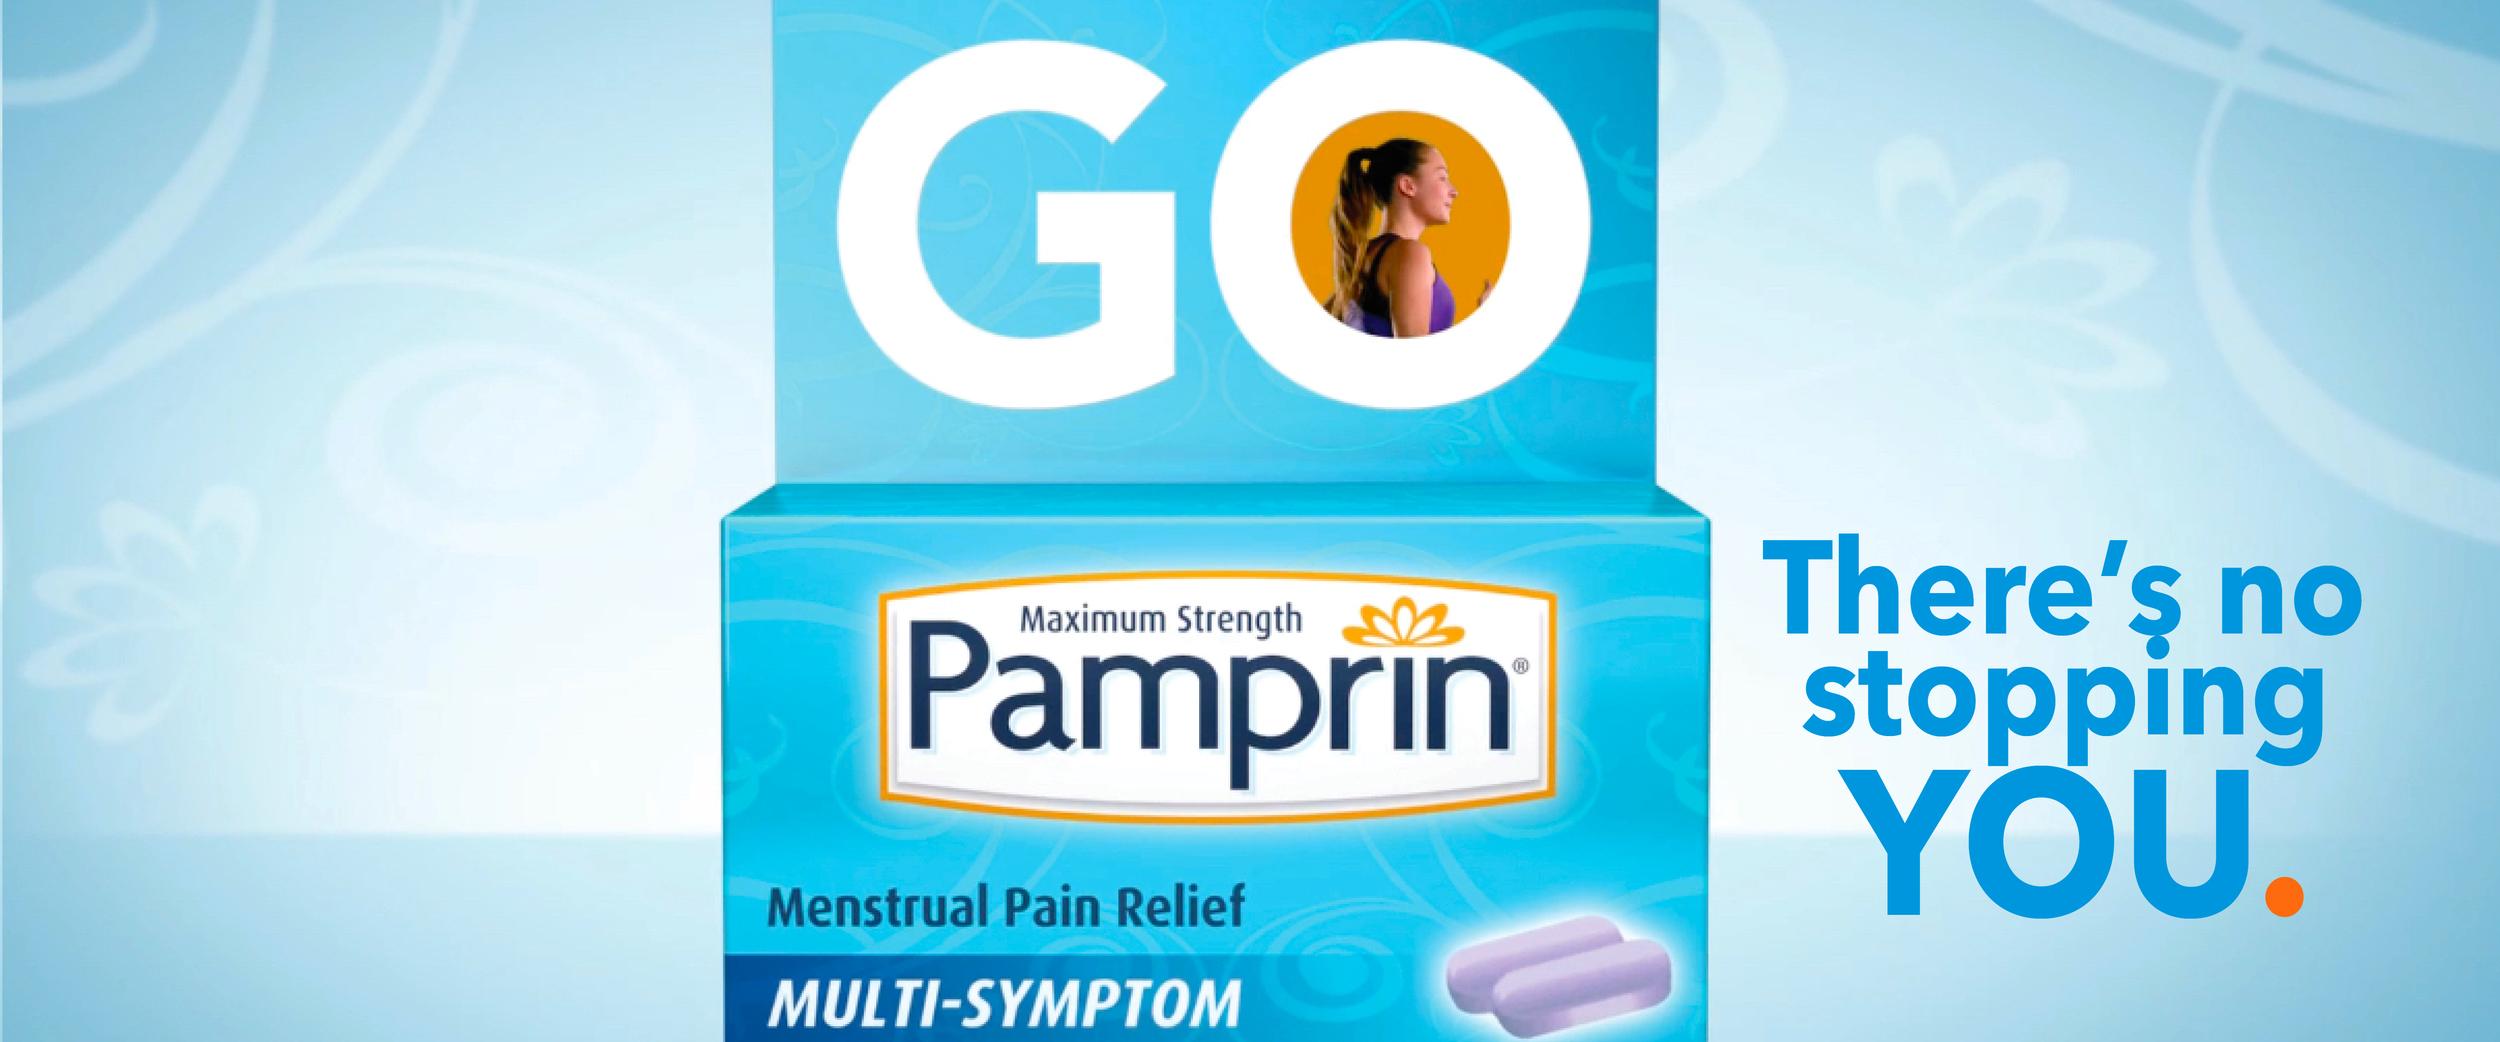 PAMPRIN_Banner_pg3.jpg